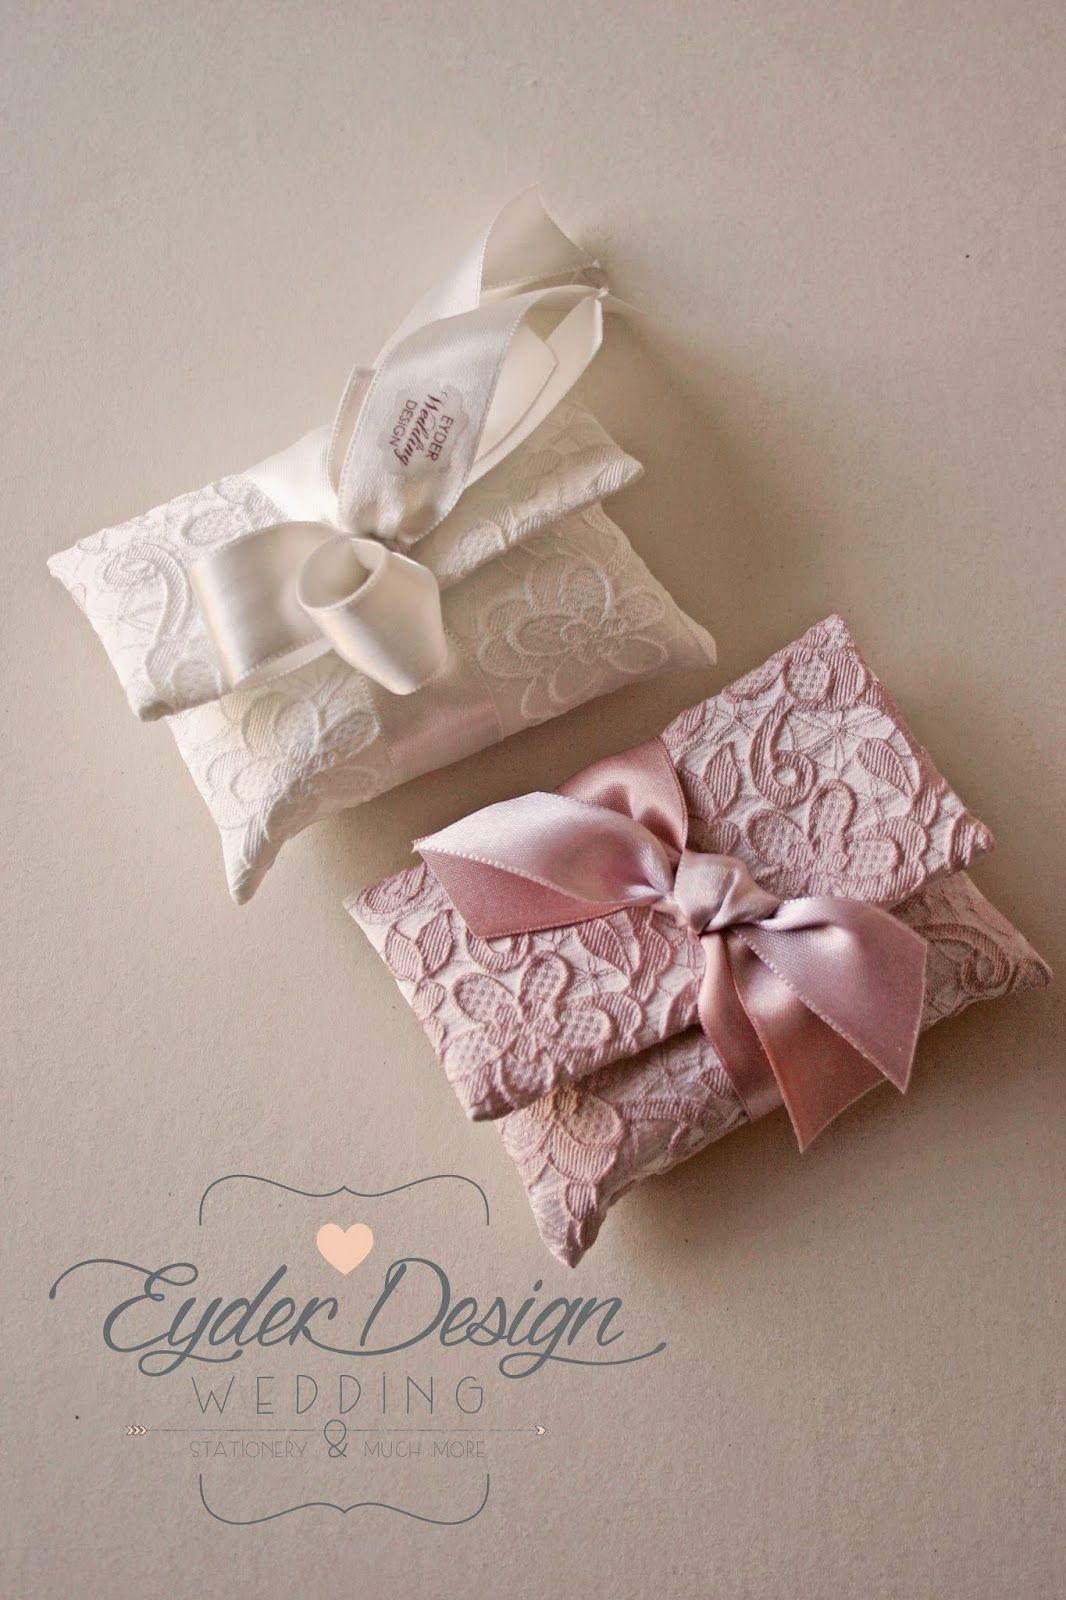 Eyder Wedding Design Tutte Le Sfumature Del Rosa Per I Sacchetti Per Bomboniere Bomboniere Matrimonio Fai Da Te Uncinetto Bomboniere Matrimonio Fai Da Te Idee